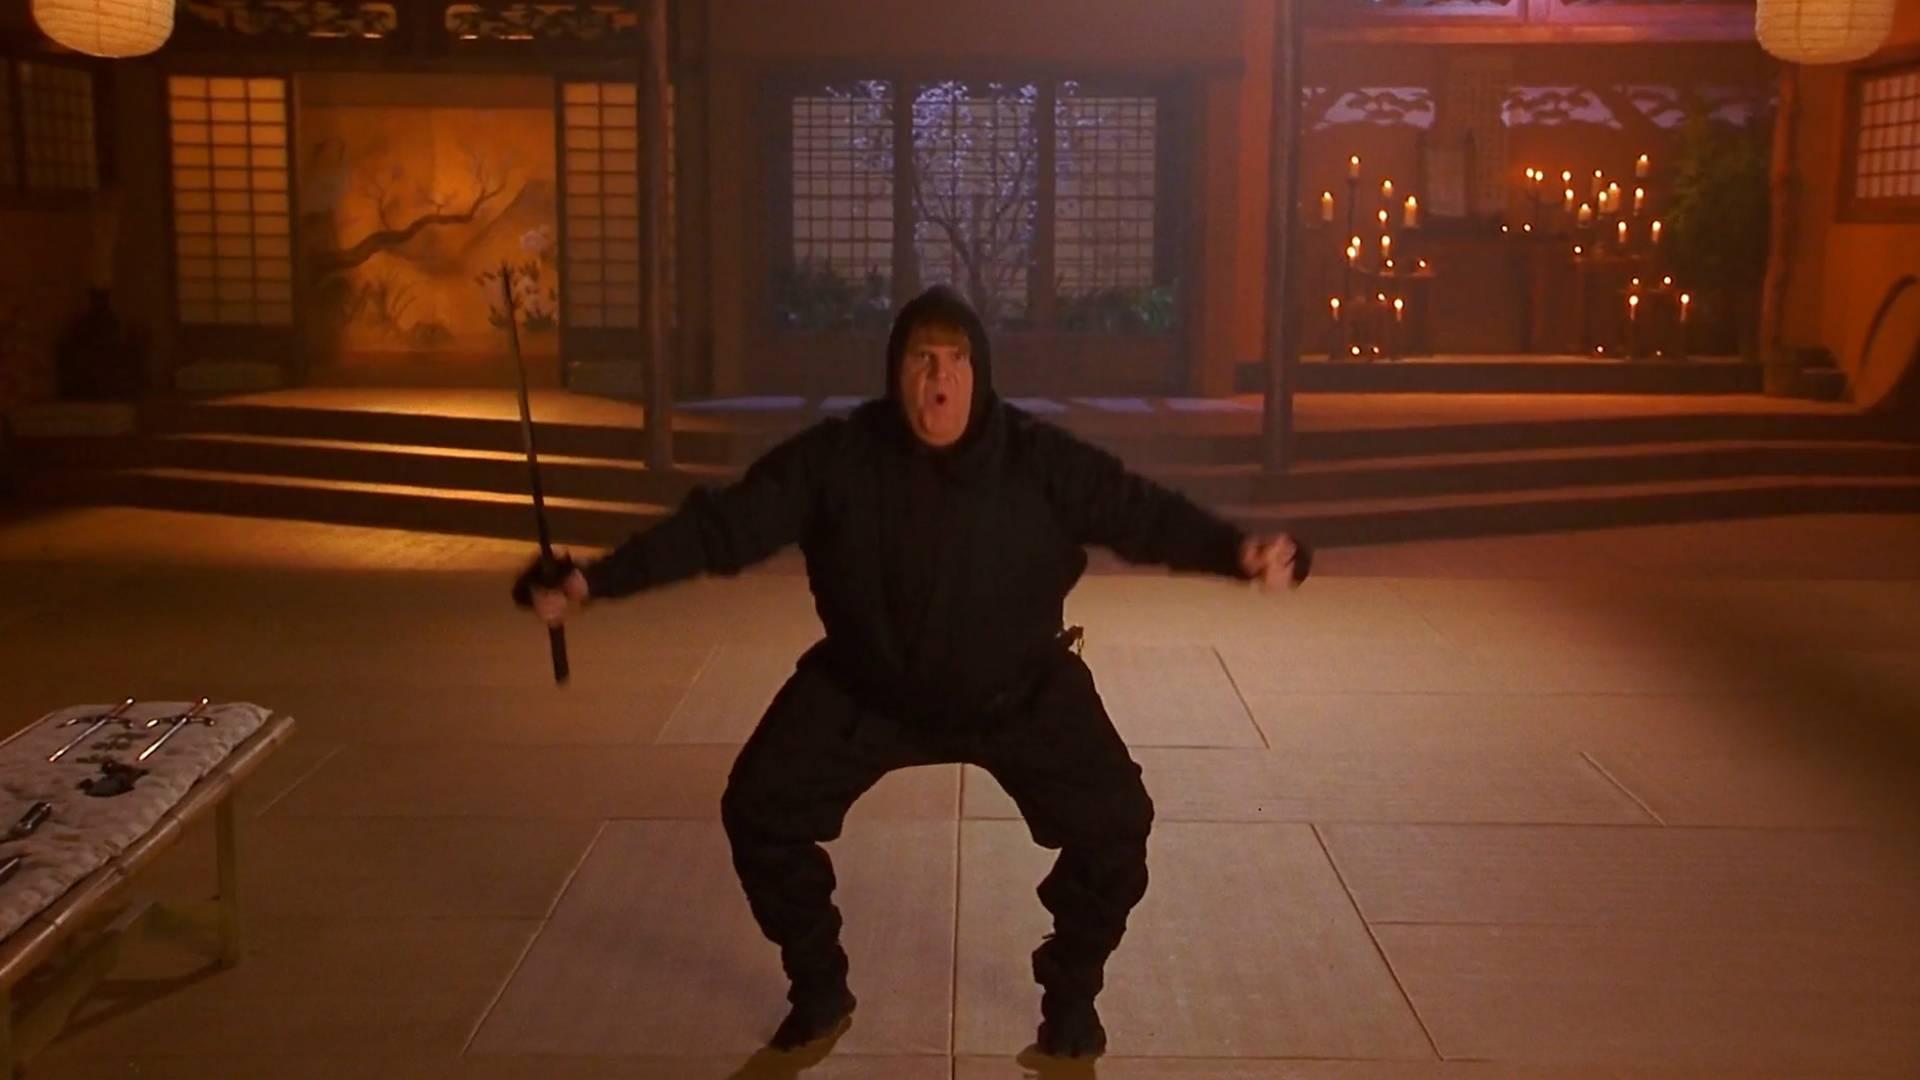 忍者体重严重超标,忍者法术都藏不住自己,一部搞笑动作电影